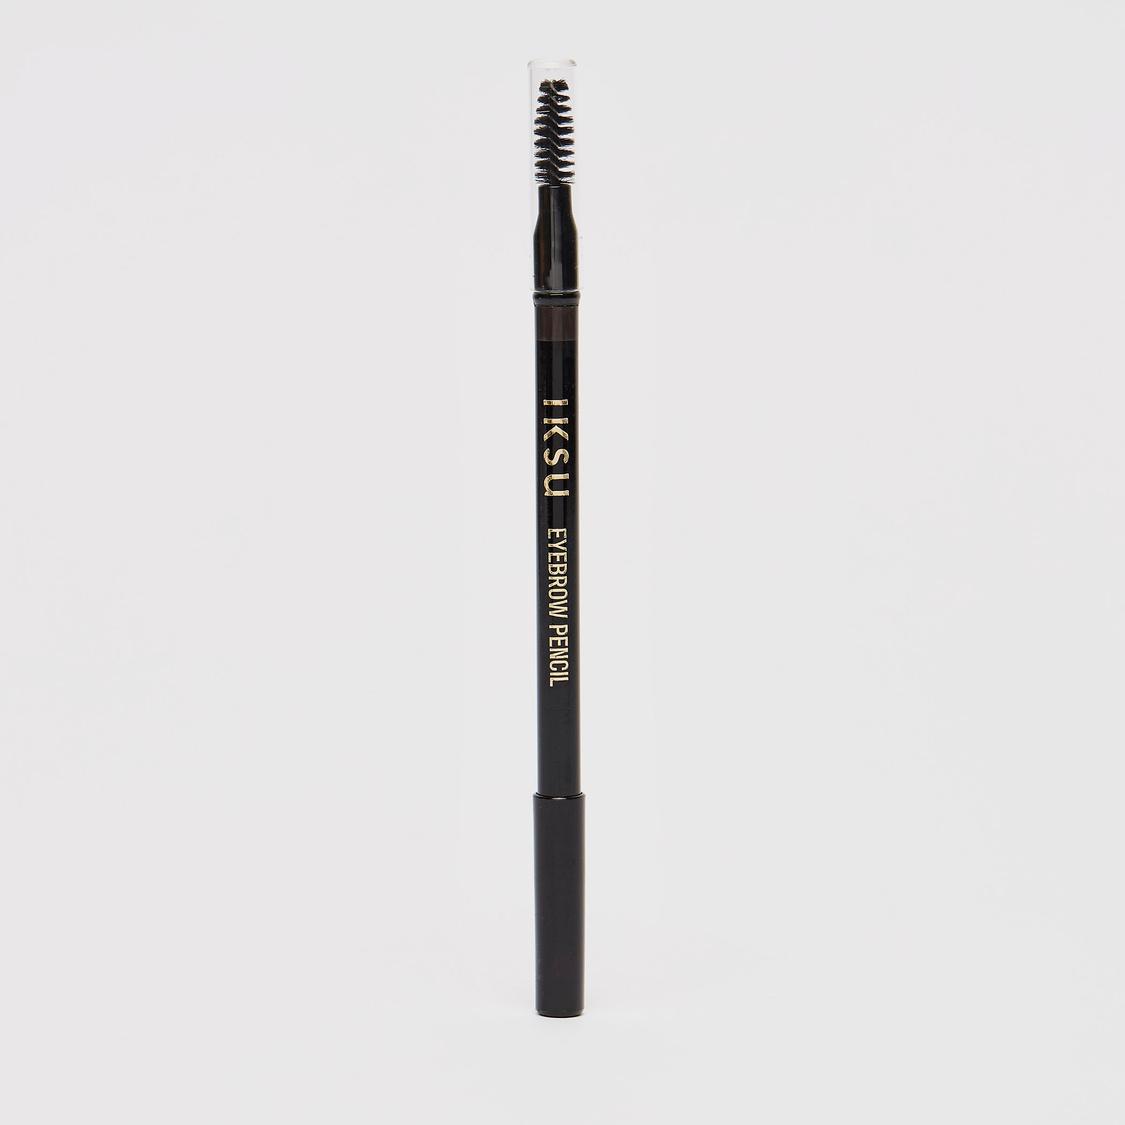 IKSU Eyebrow Pencil